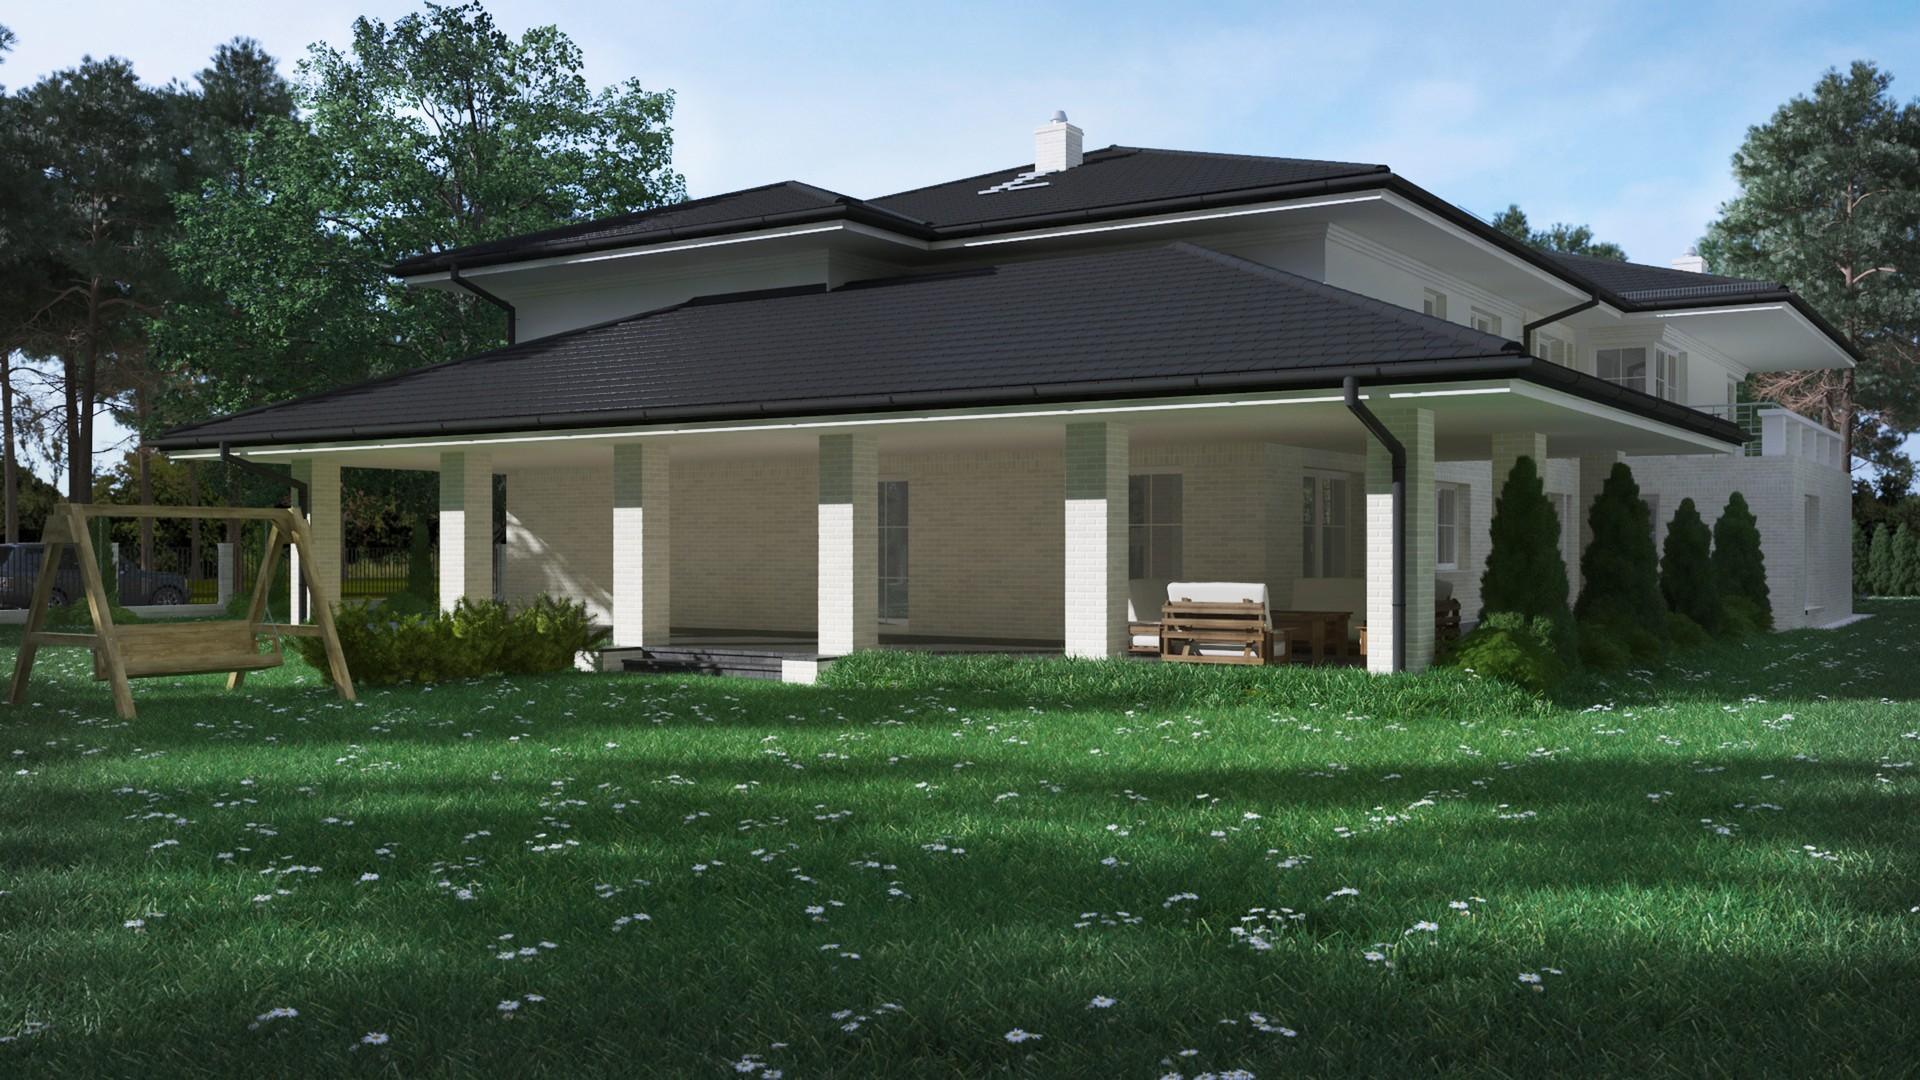 wizulizacja 3d projektu domu parterowego śląskie